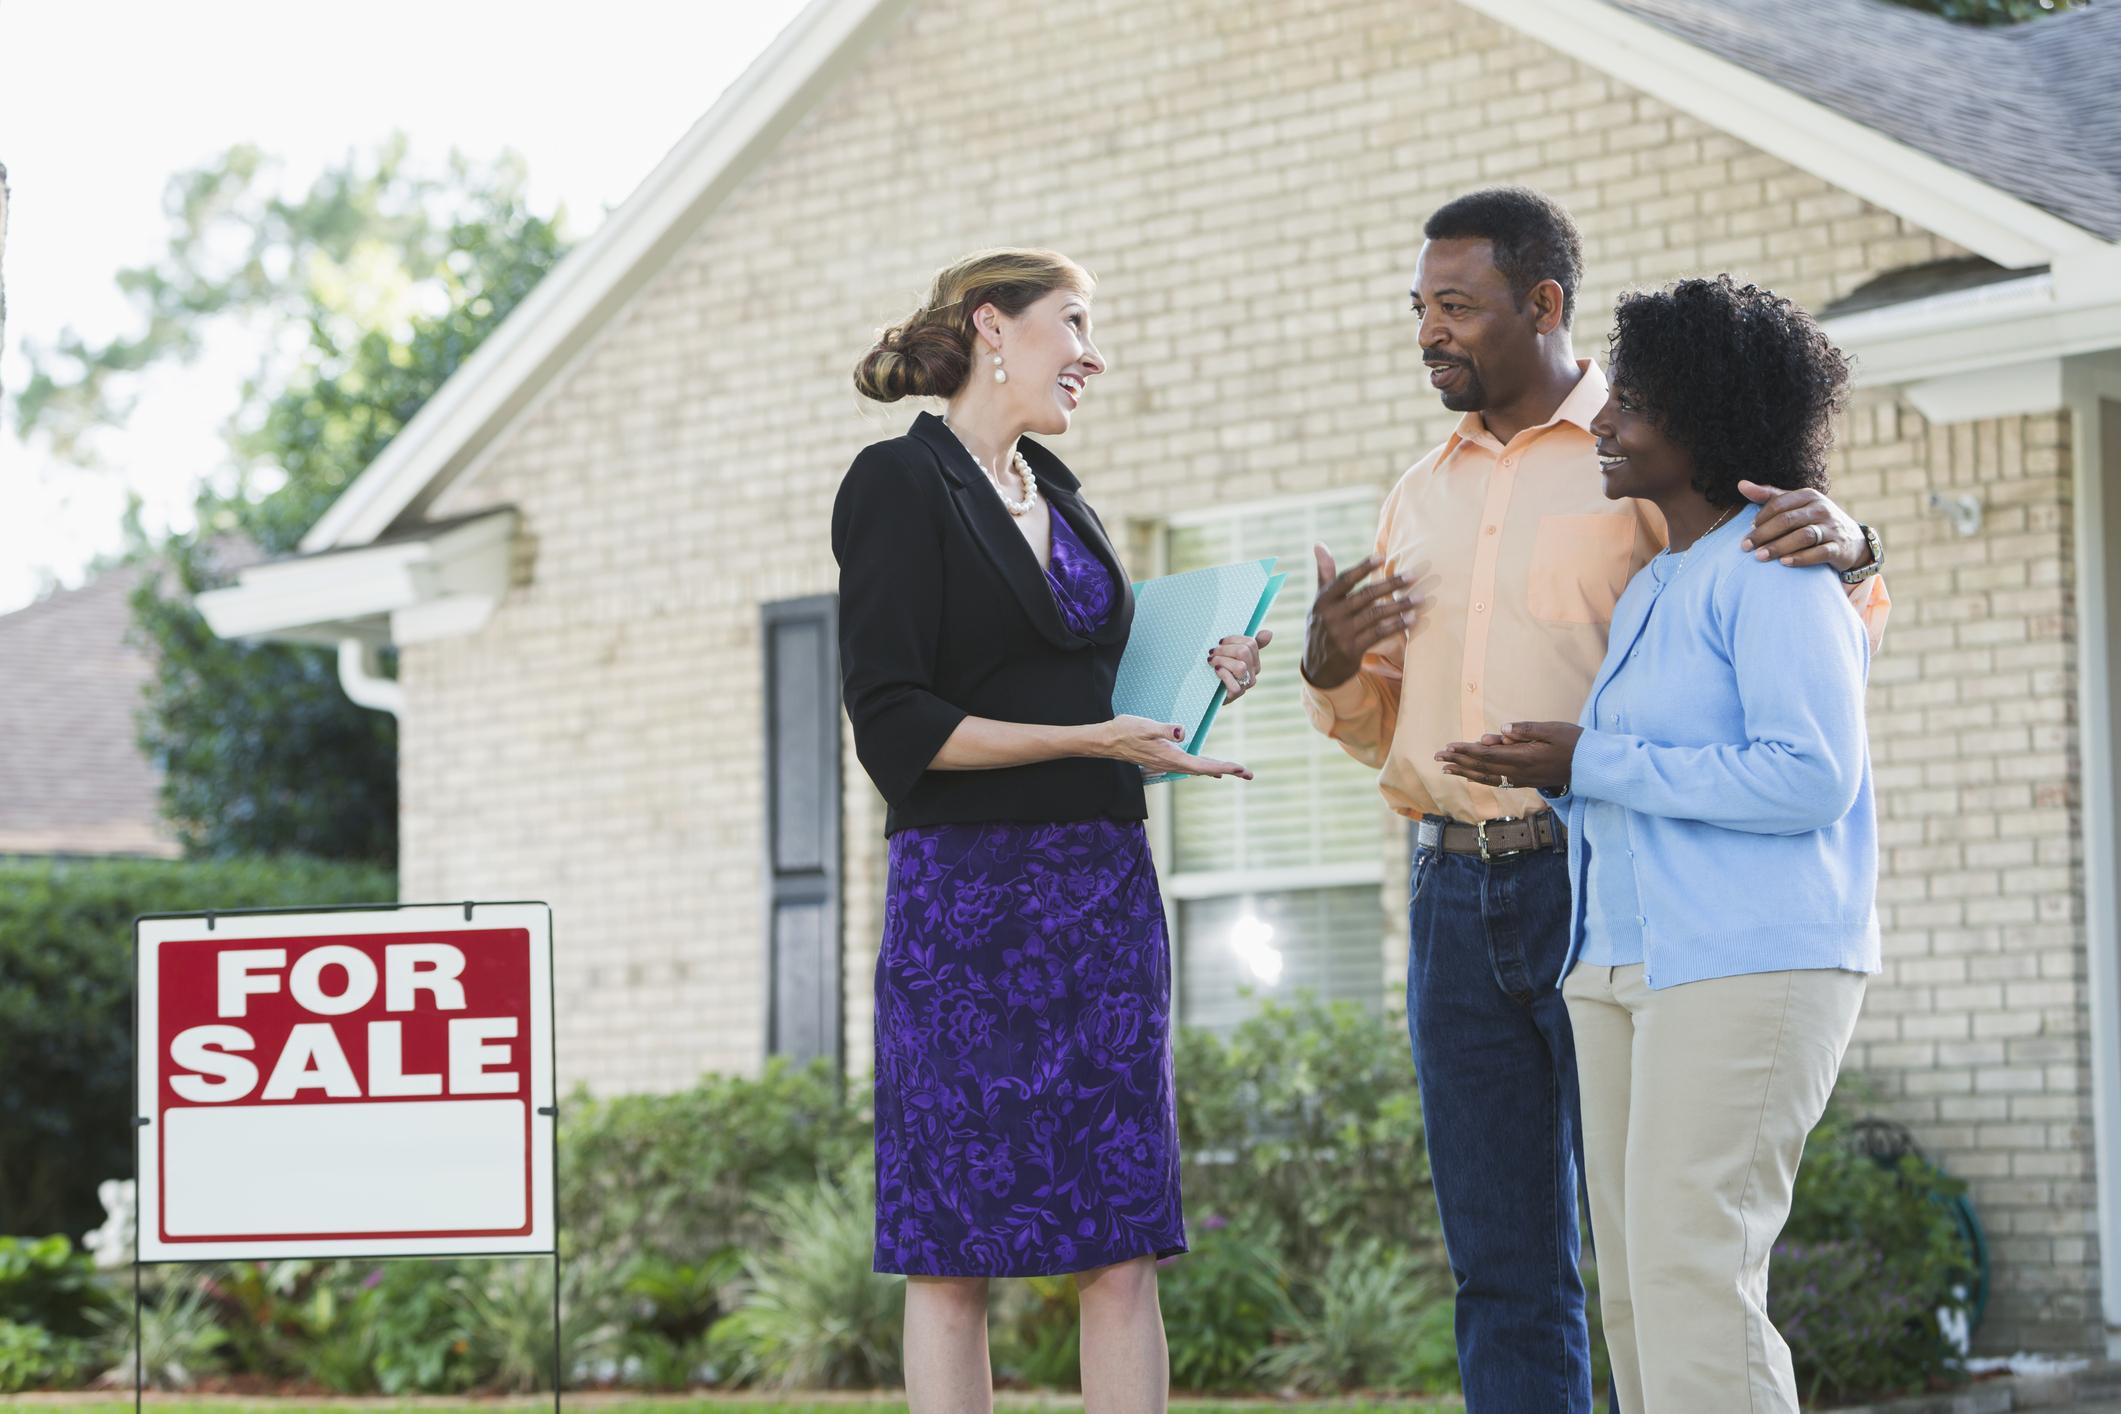 Home Buying In Nigeria: Smart Home Buyer Tips